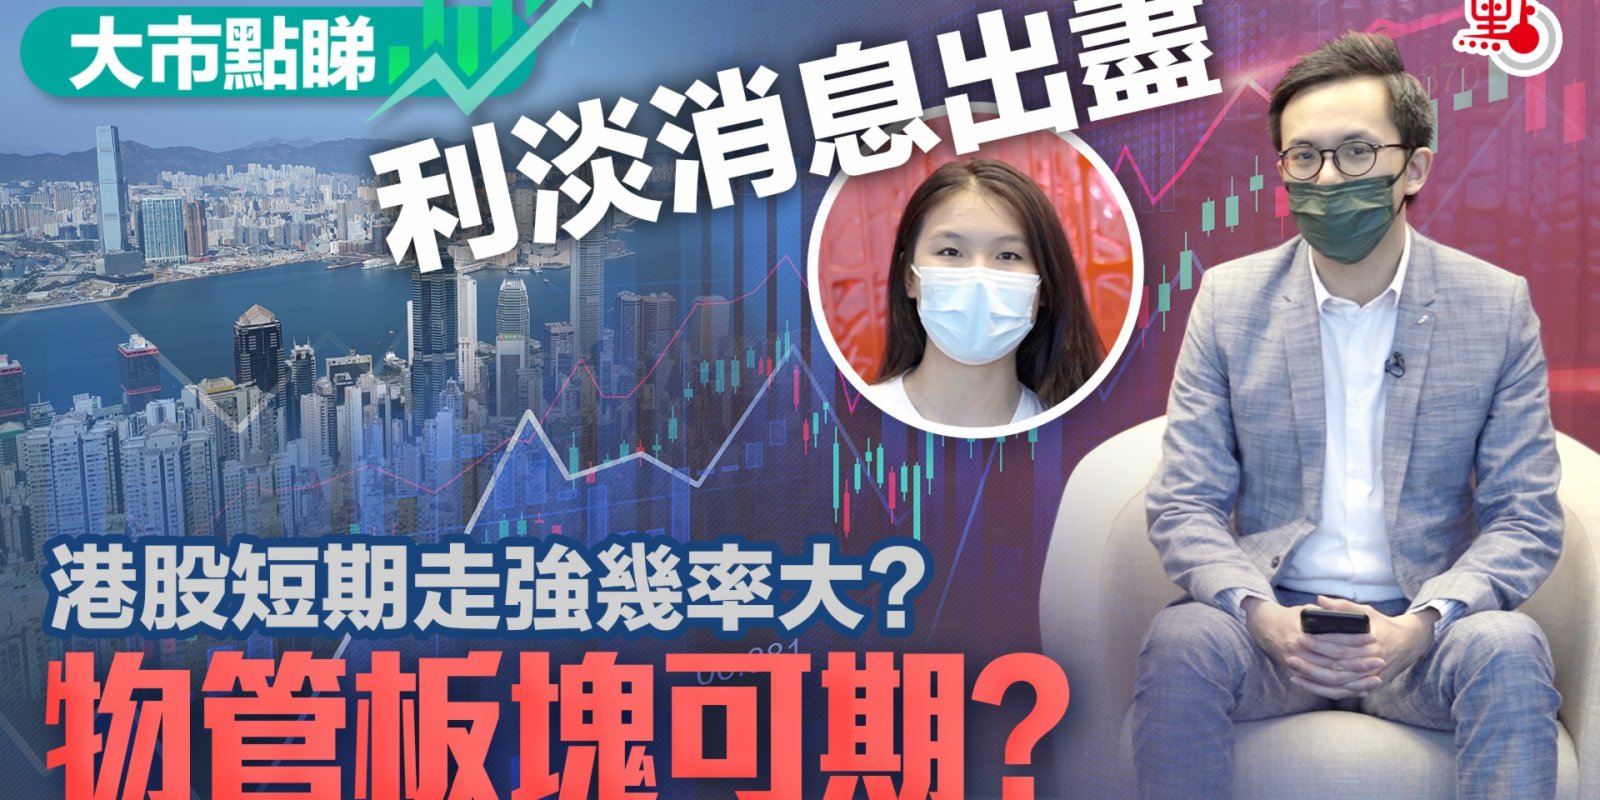 大市點睇|利淡消息出盡 港股短期走強幾率大?物管板塊可期?